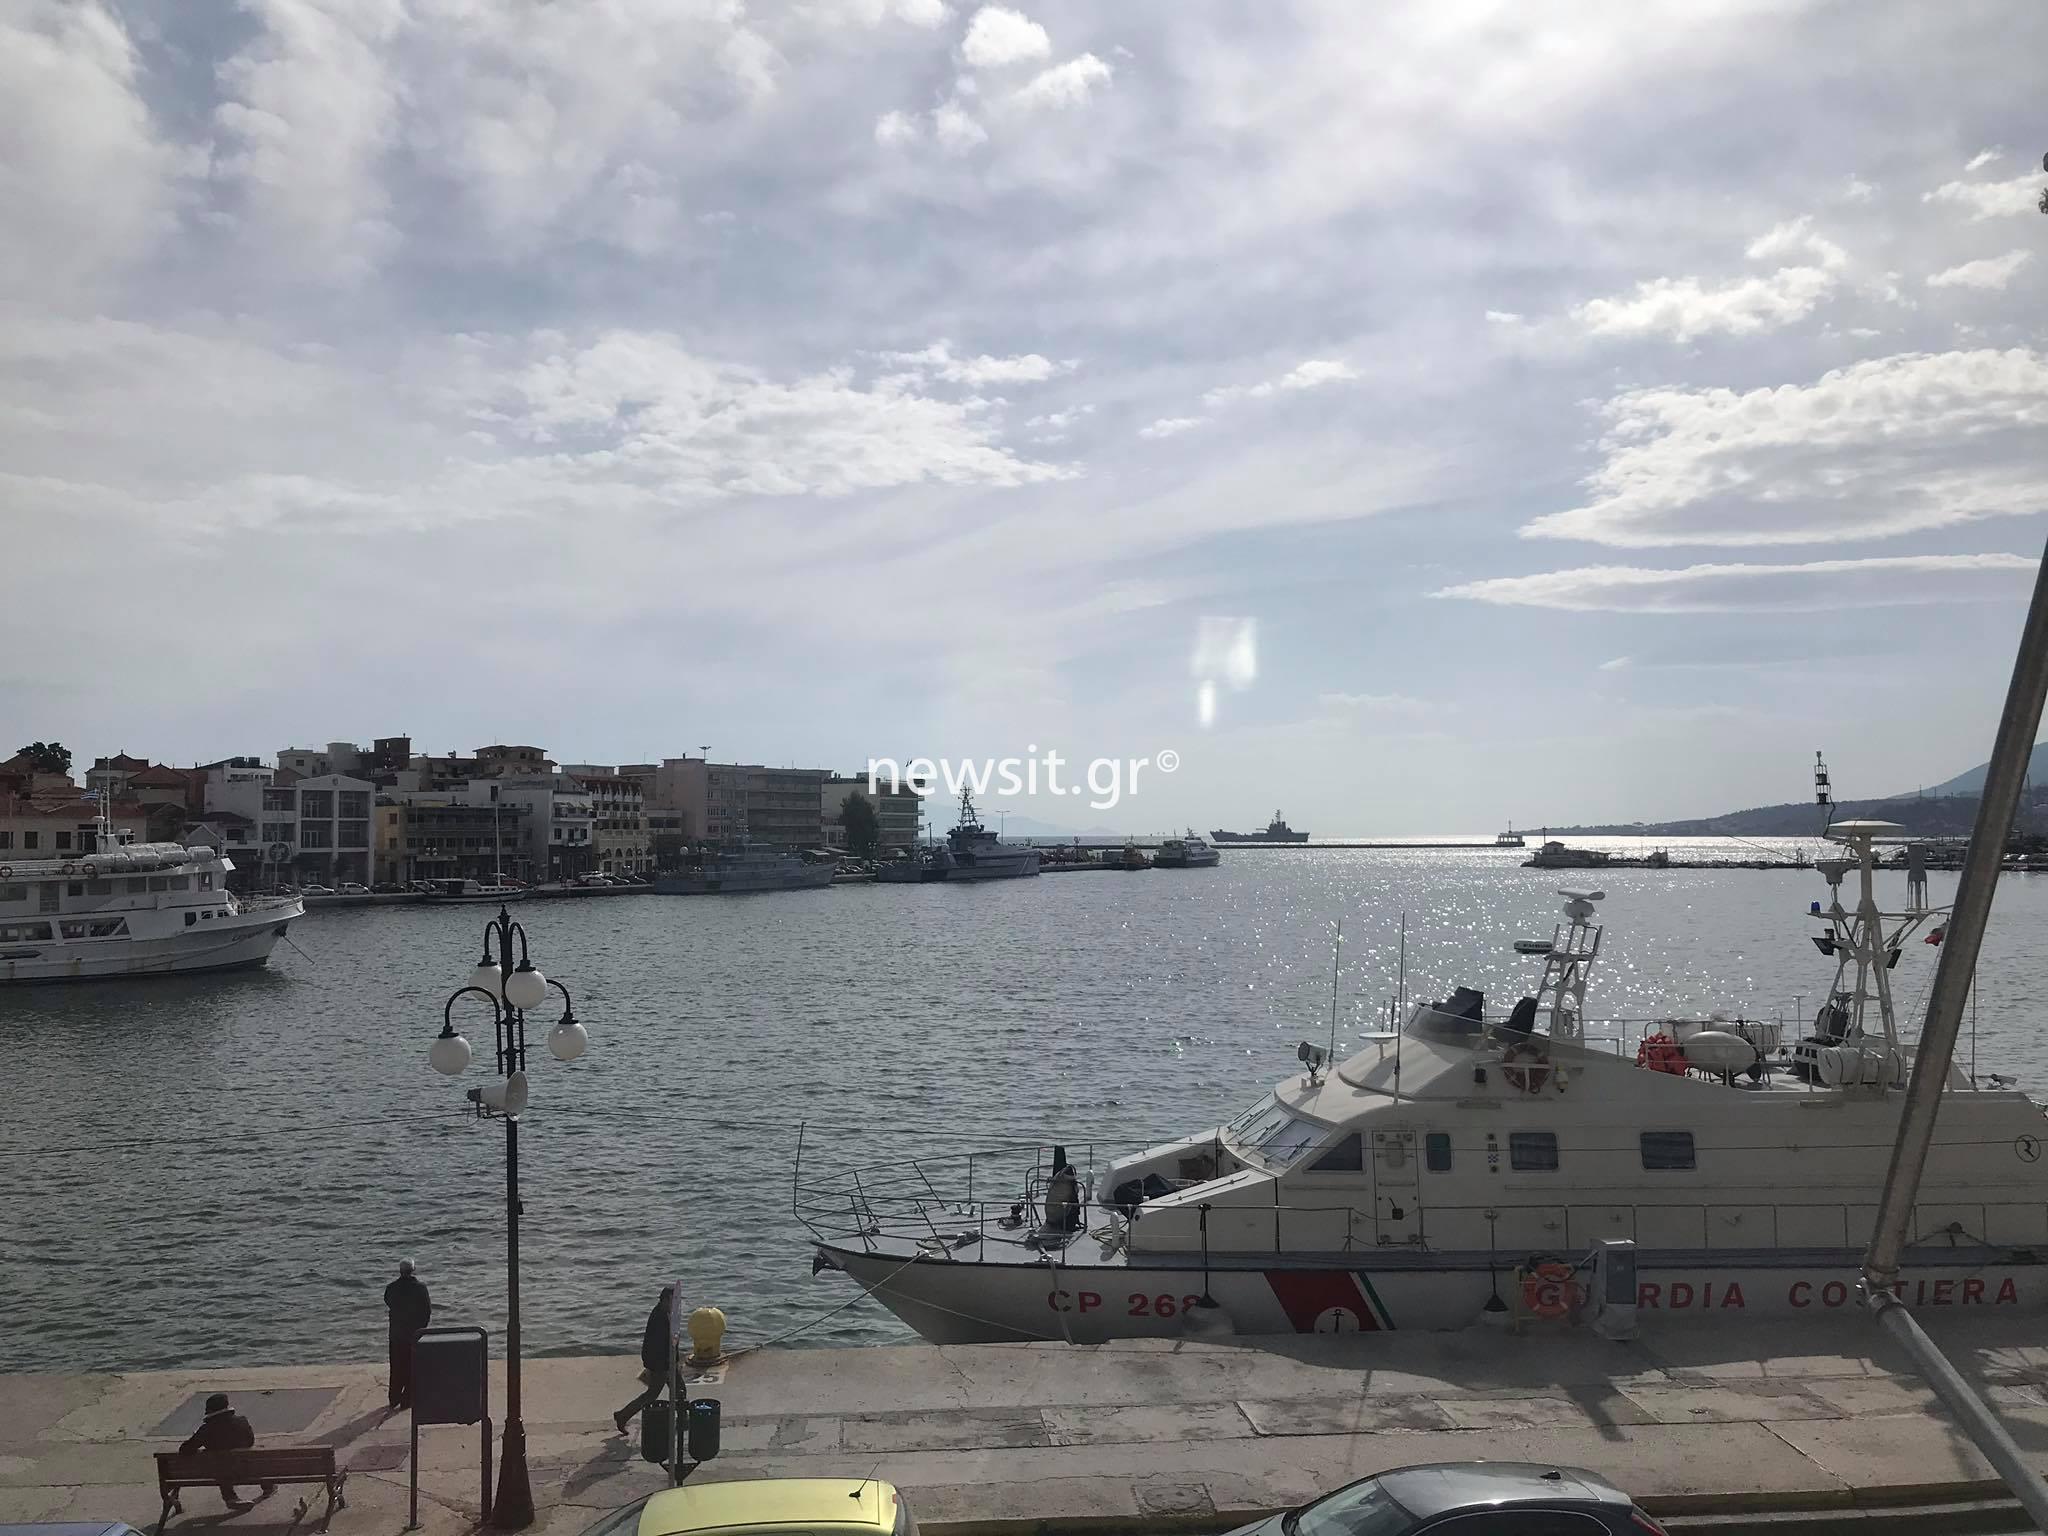 """Στην Λέσβο το αρματαγωγό """"Ρόδος"""" - Πάνω από 2 ώρες μέχρι να πάρει άδεια να δέσει στο λιμάνι! [pics]"""